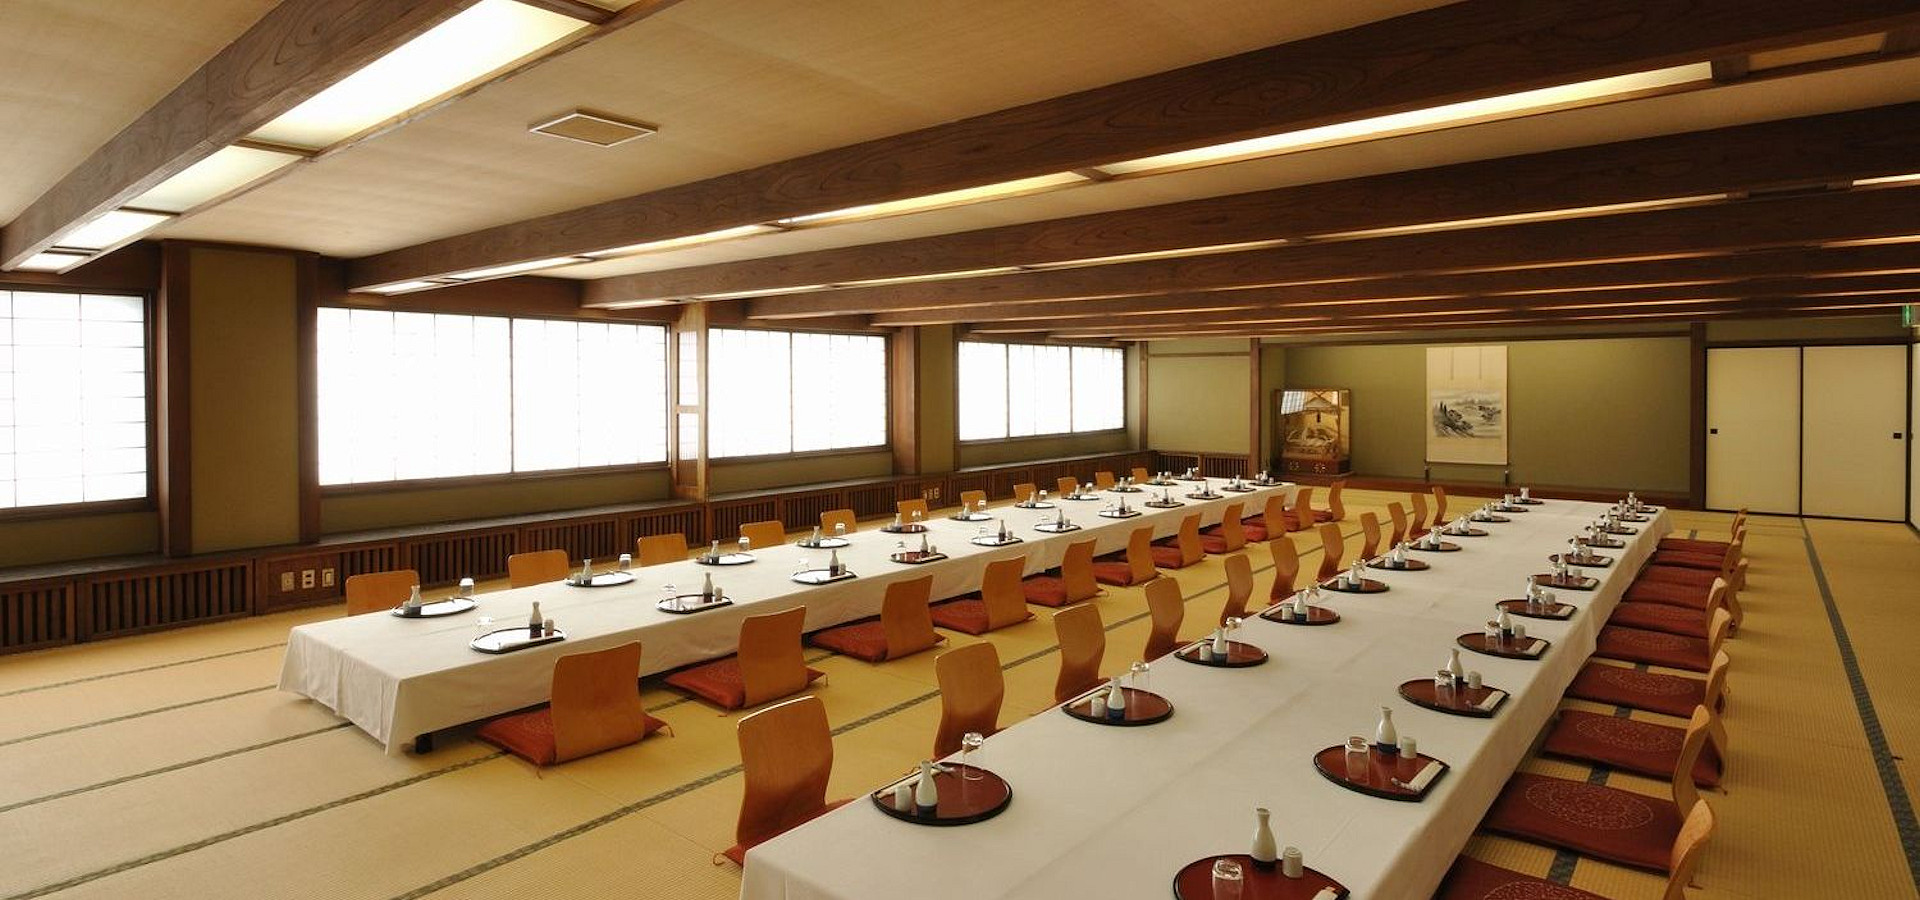 하마기쿠 (일본식 룸)